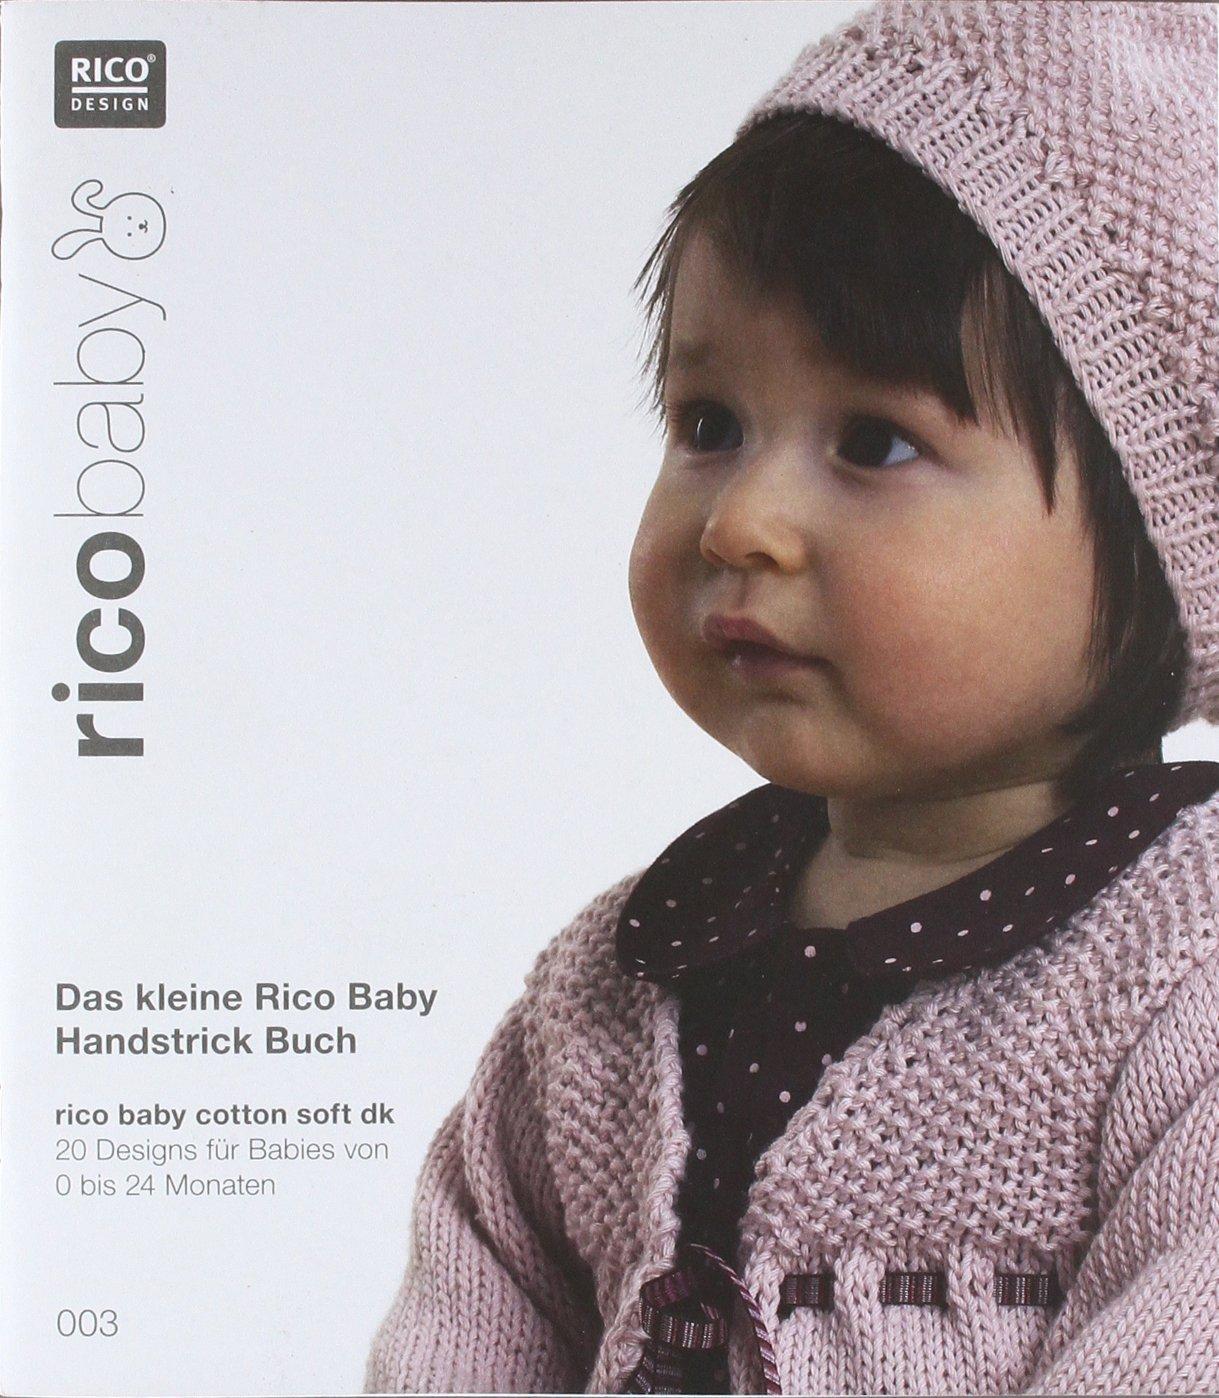 rico baby. Das kleine Rico Baby Handstrick Buch: Strickidee 3 / 20 Designs für Babies von 0 bis 24 Monaten